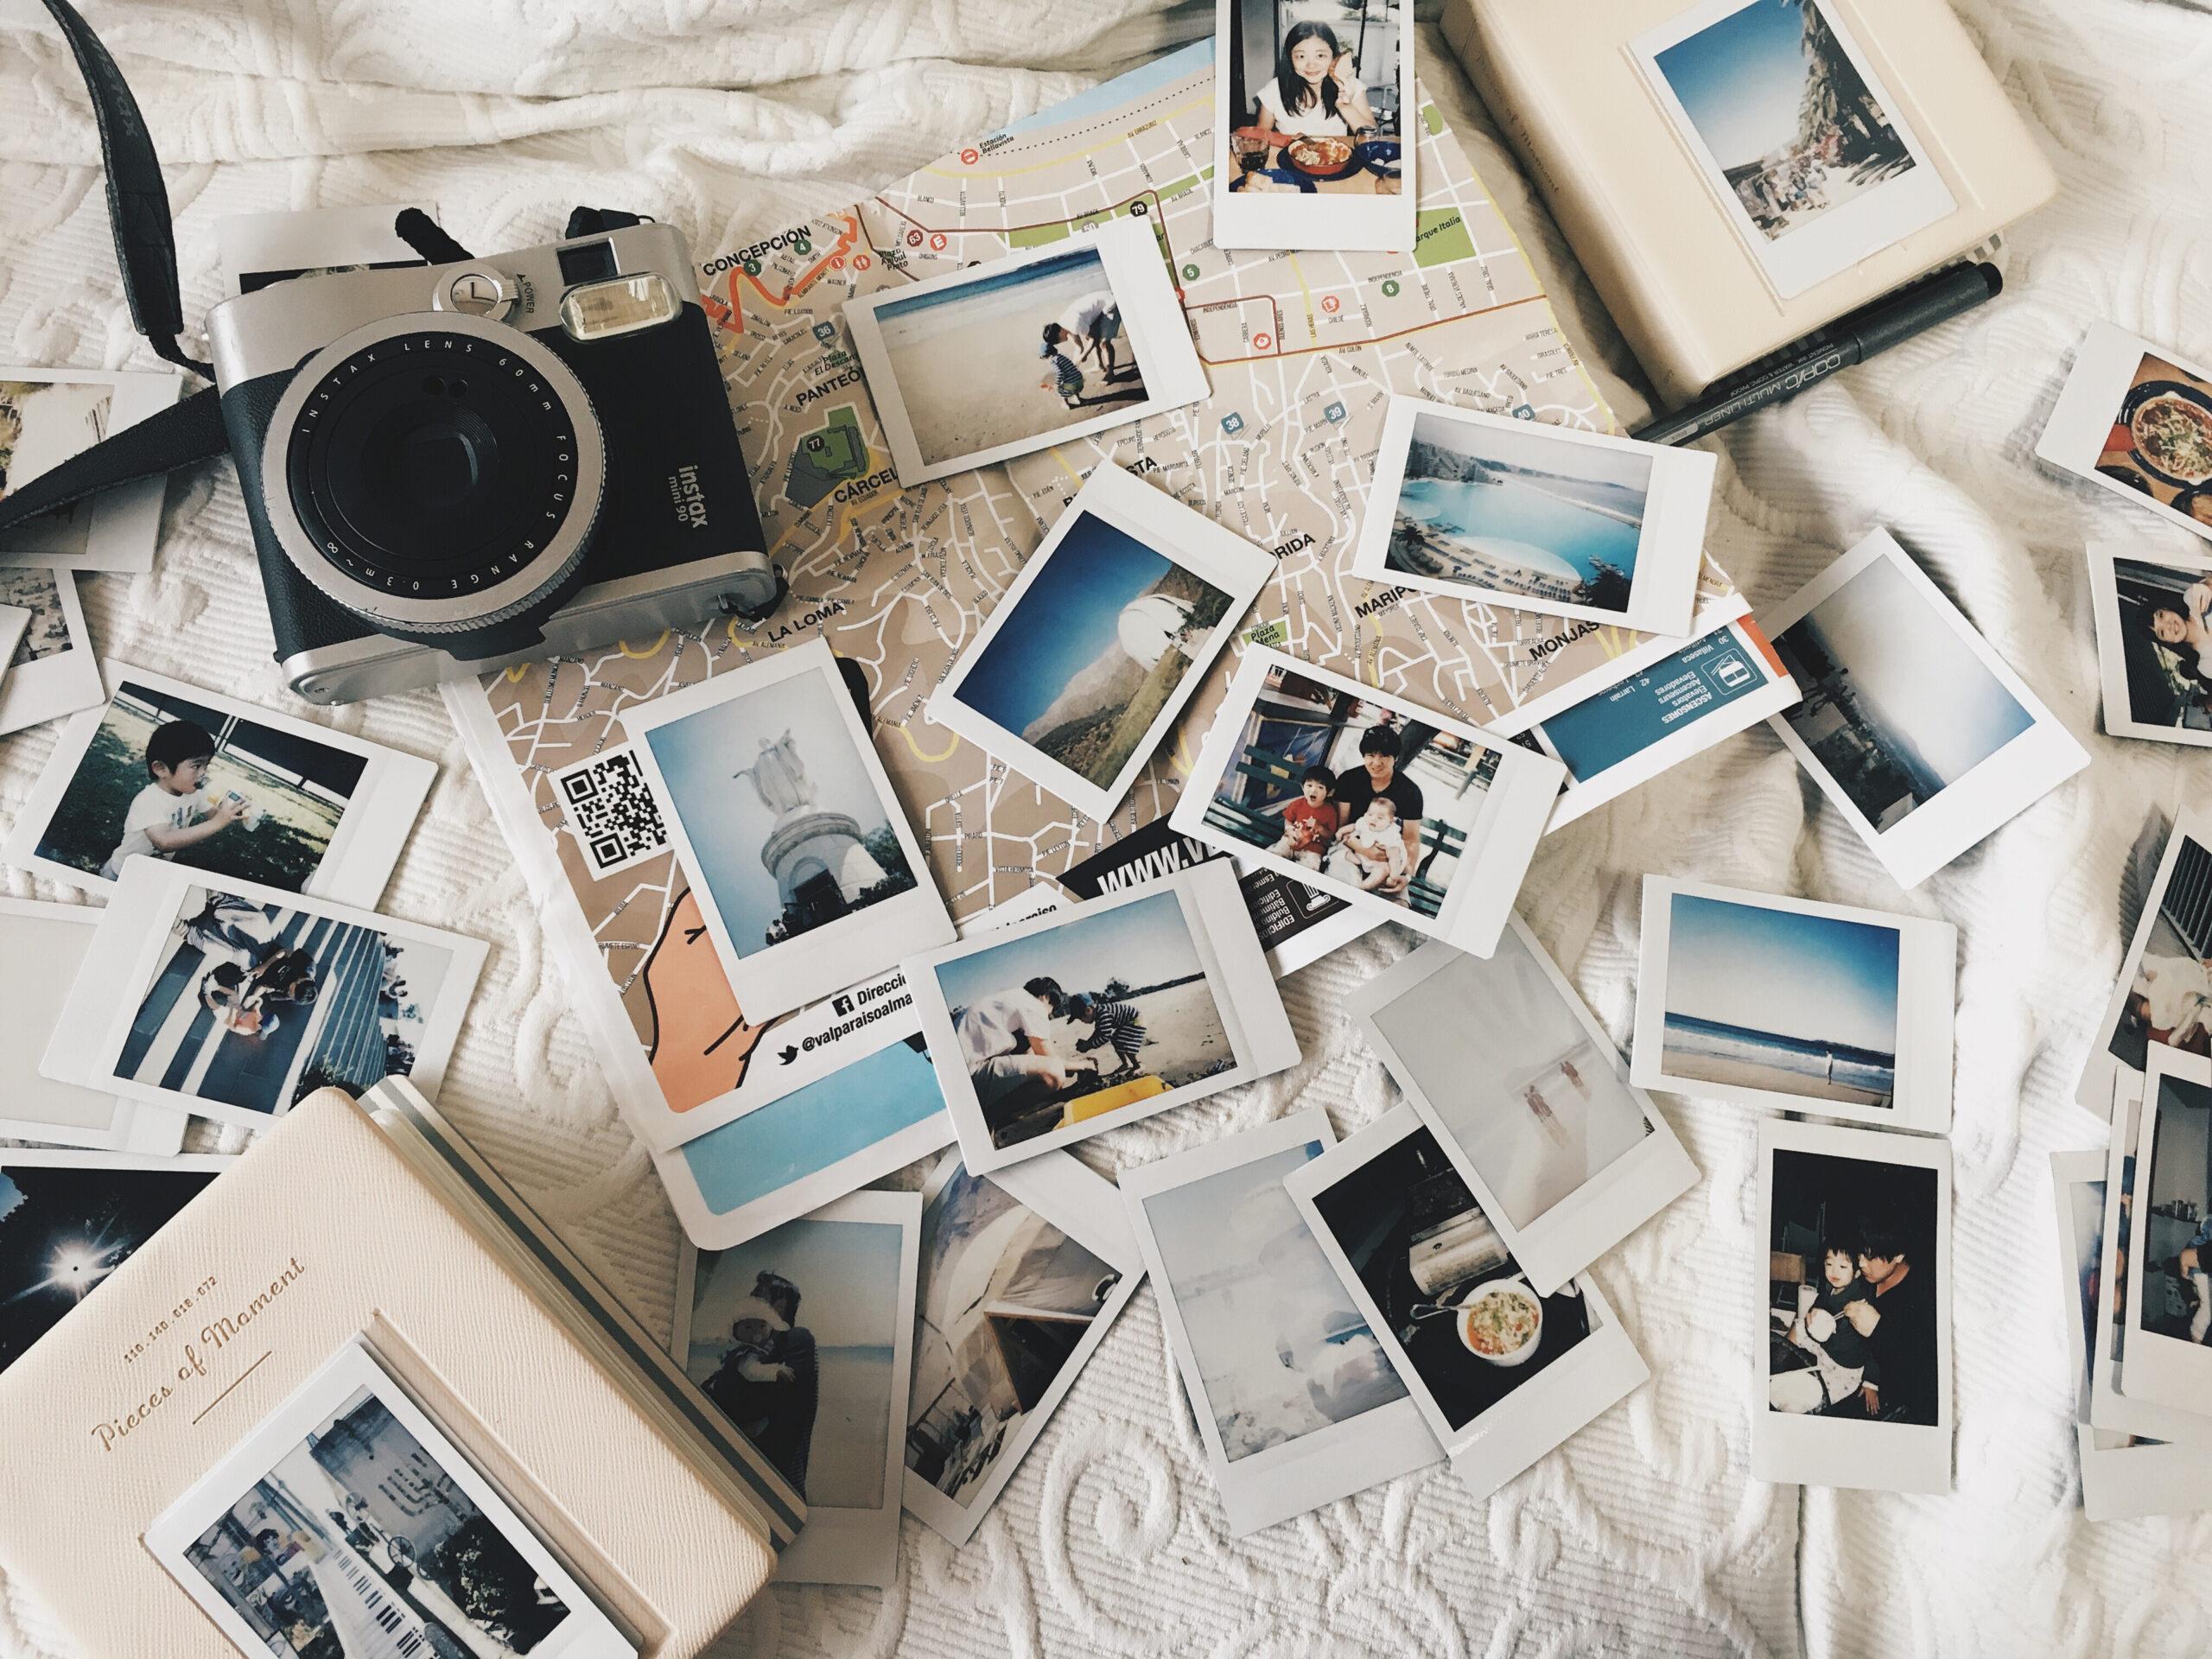 写真や言葉で、楽しさが伝わるように